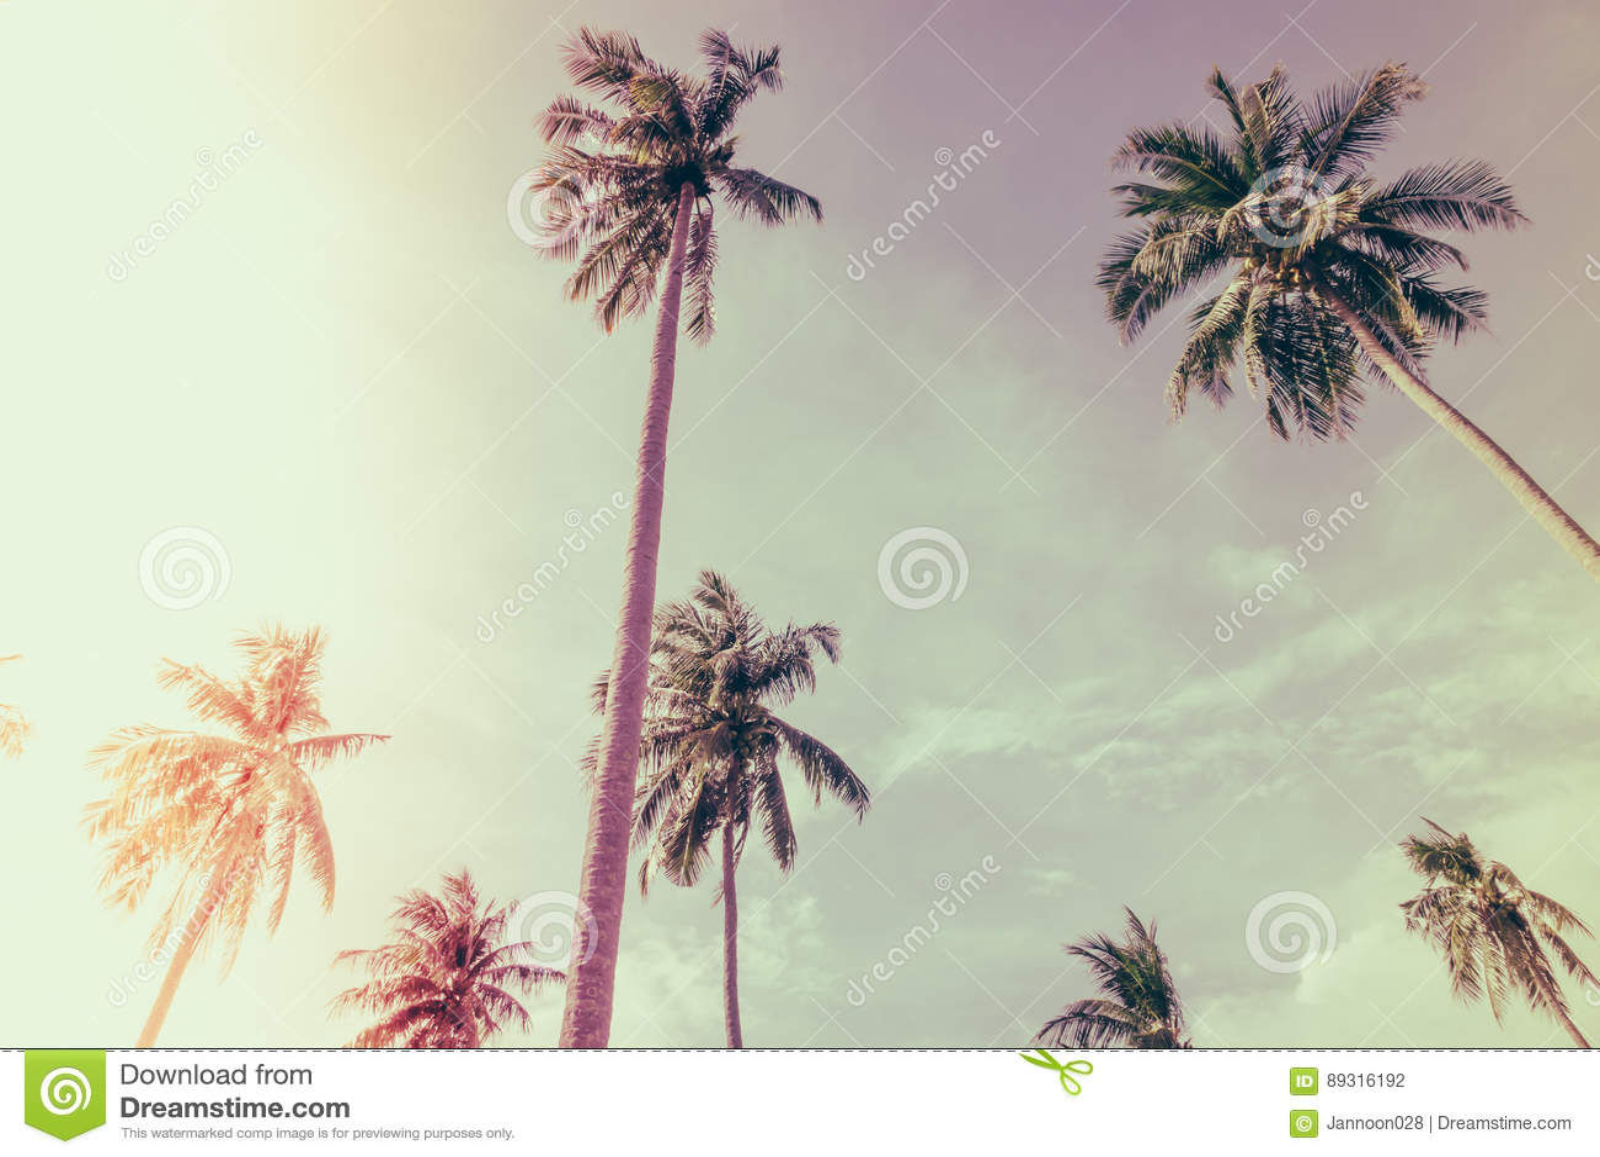 Cocco sopra cielo blu (Annata elaborata immagine filtrata